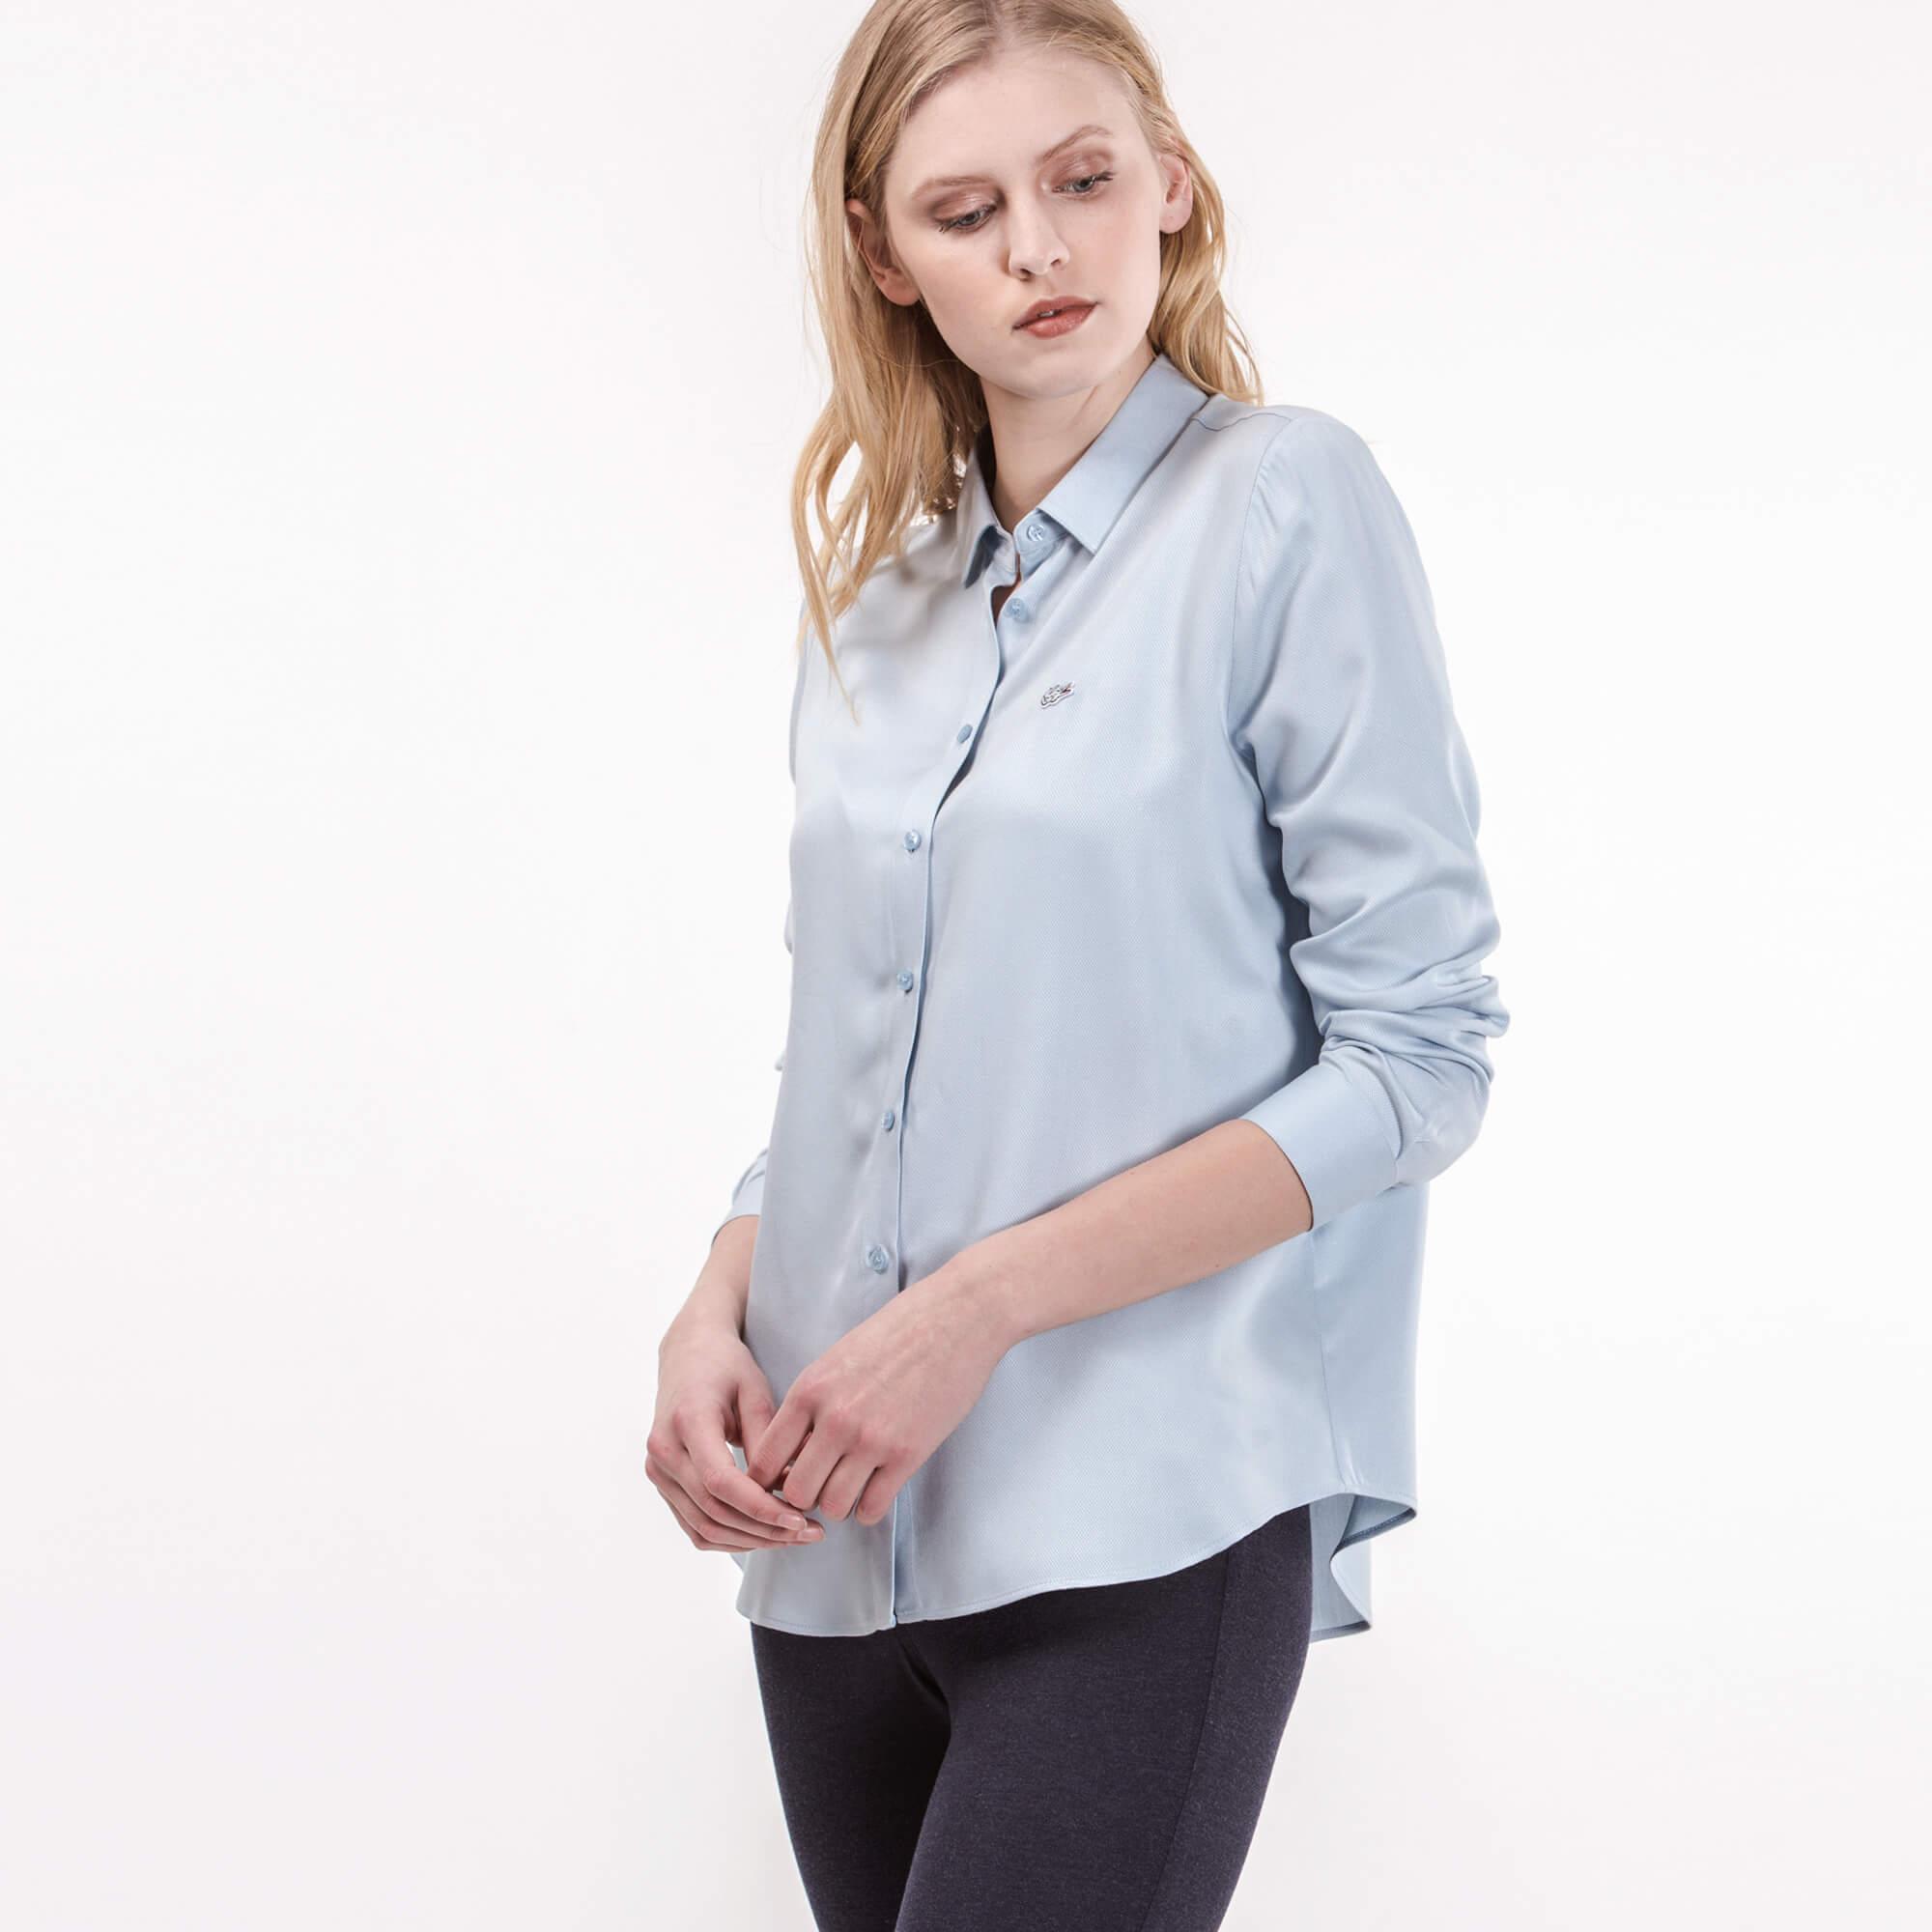 Фото - Рубашку Lacoste Regular fit голубого цвета